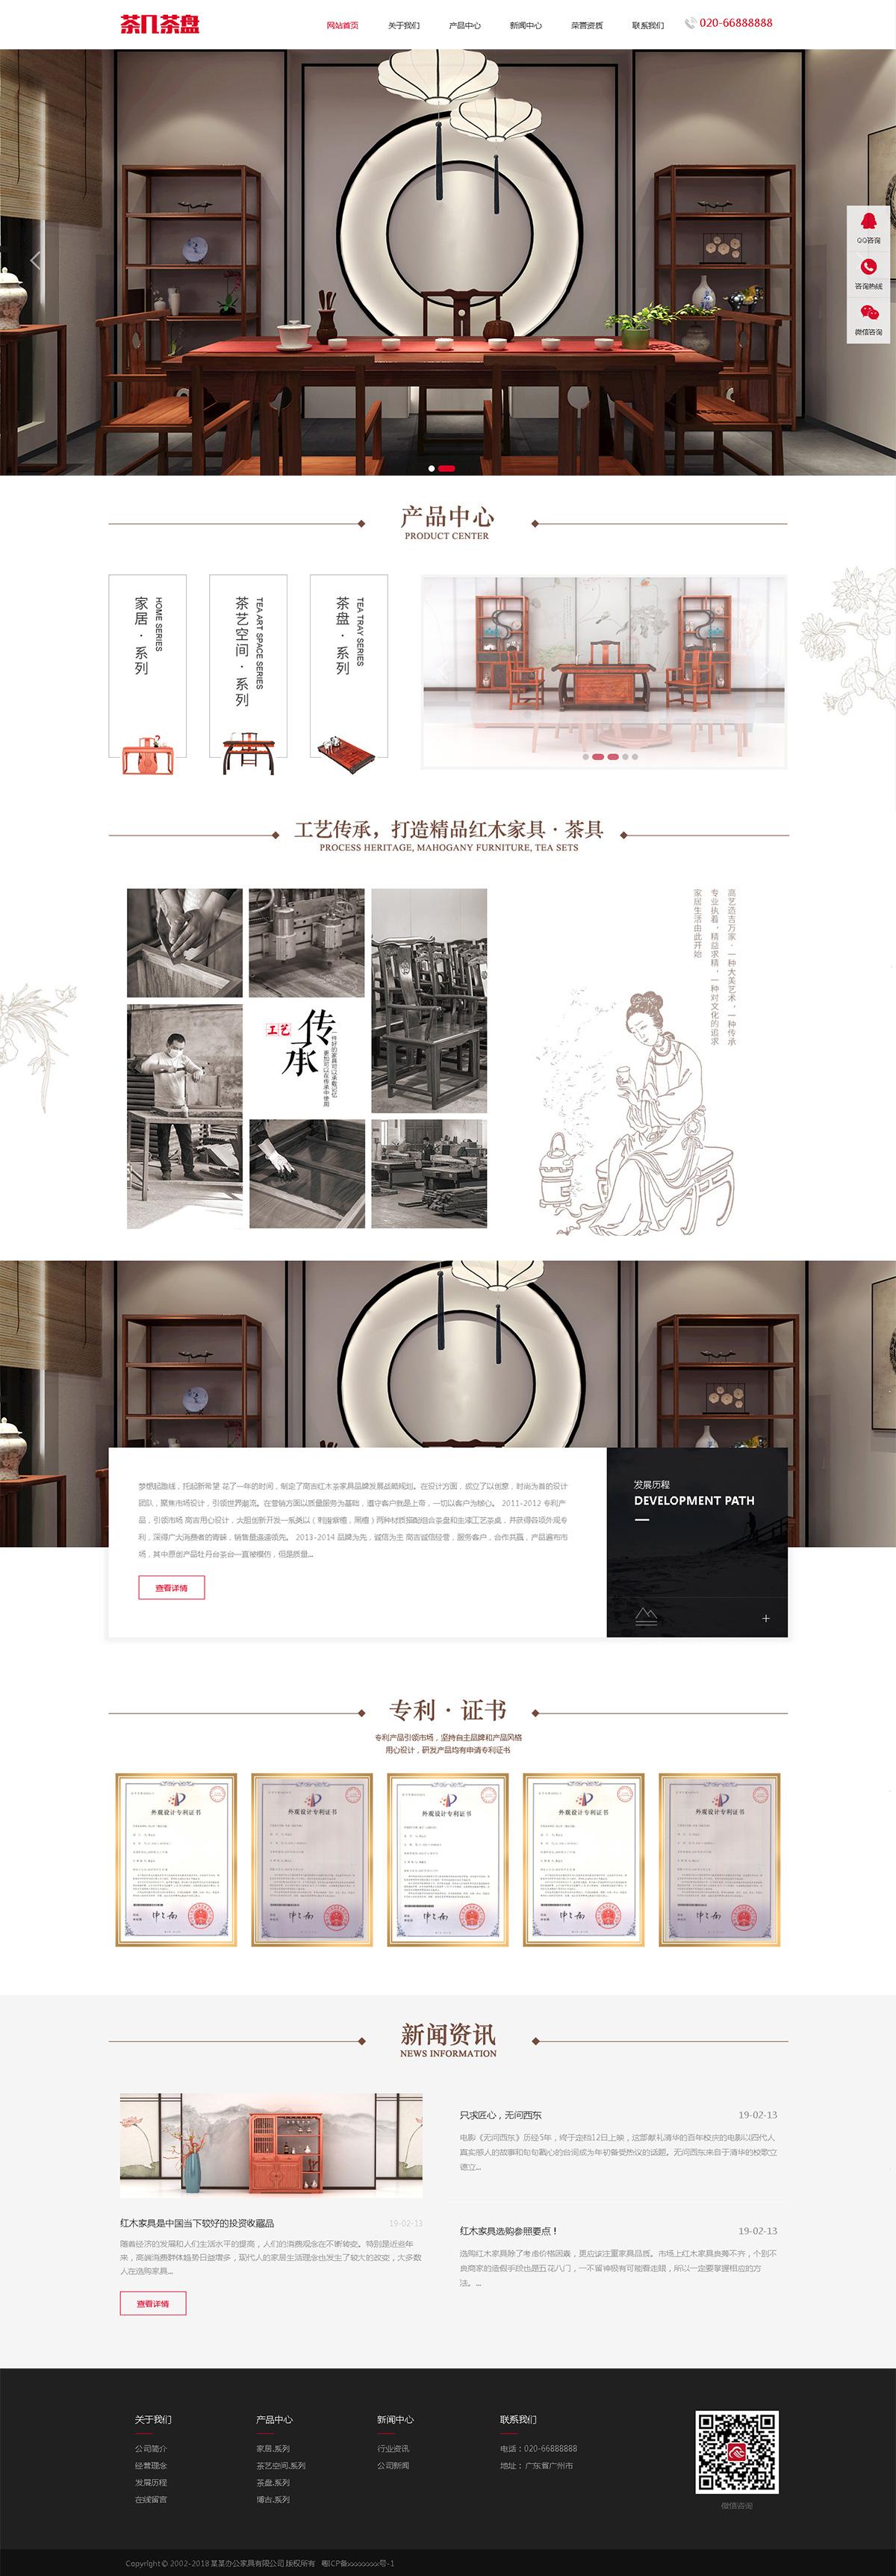 茶具企业网站建设UI效果图